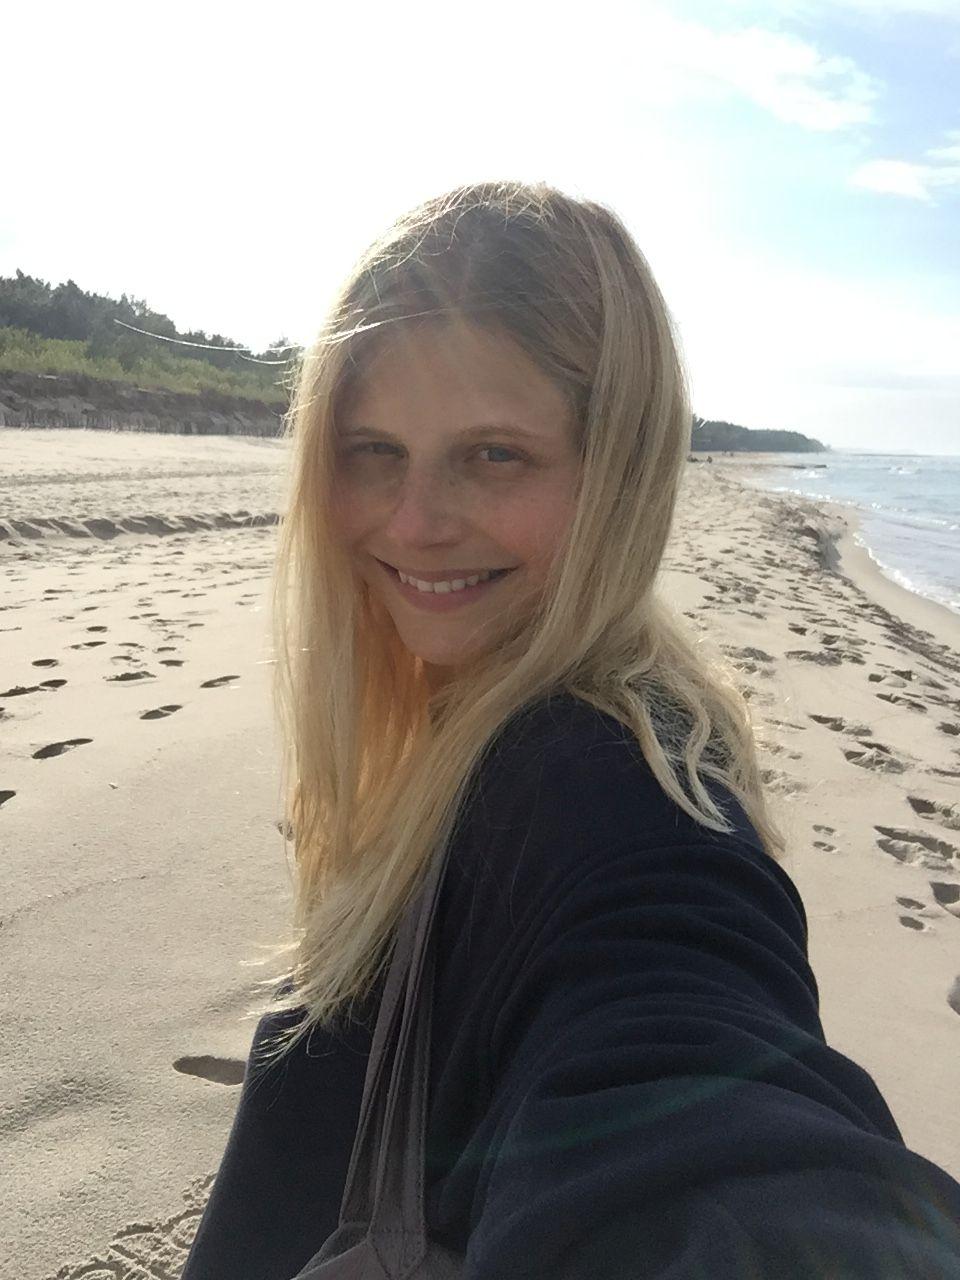 BlogStar: Izabela Zwierzyńska: Haptonomia - BlogStar.pl